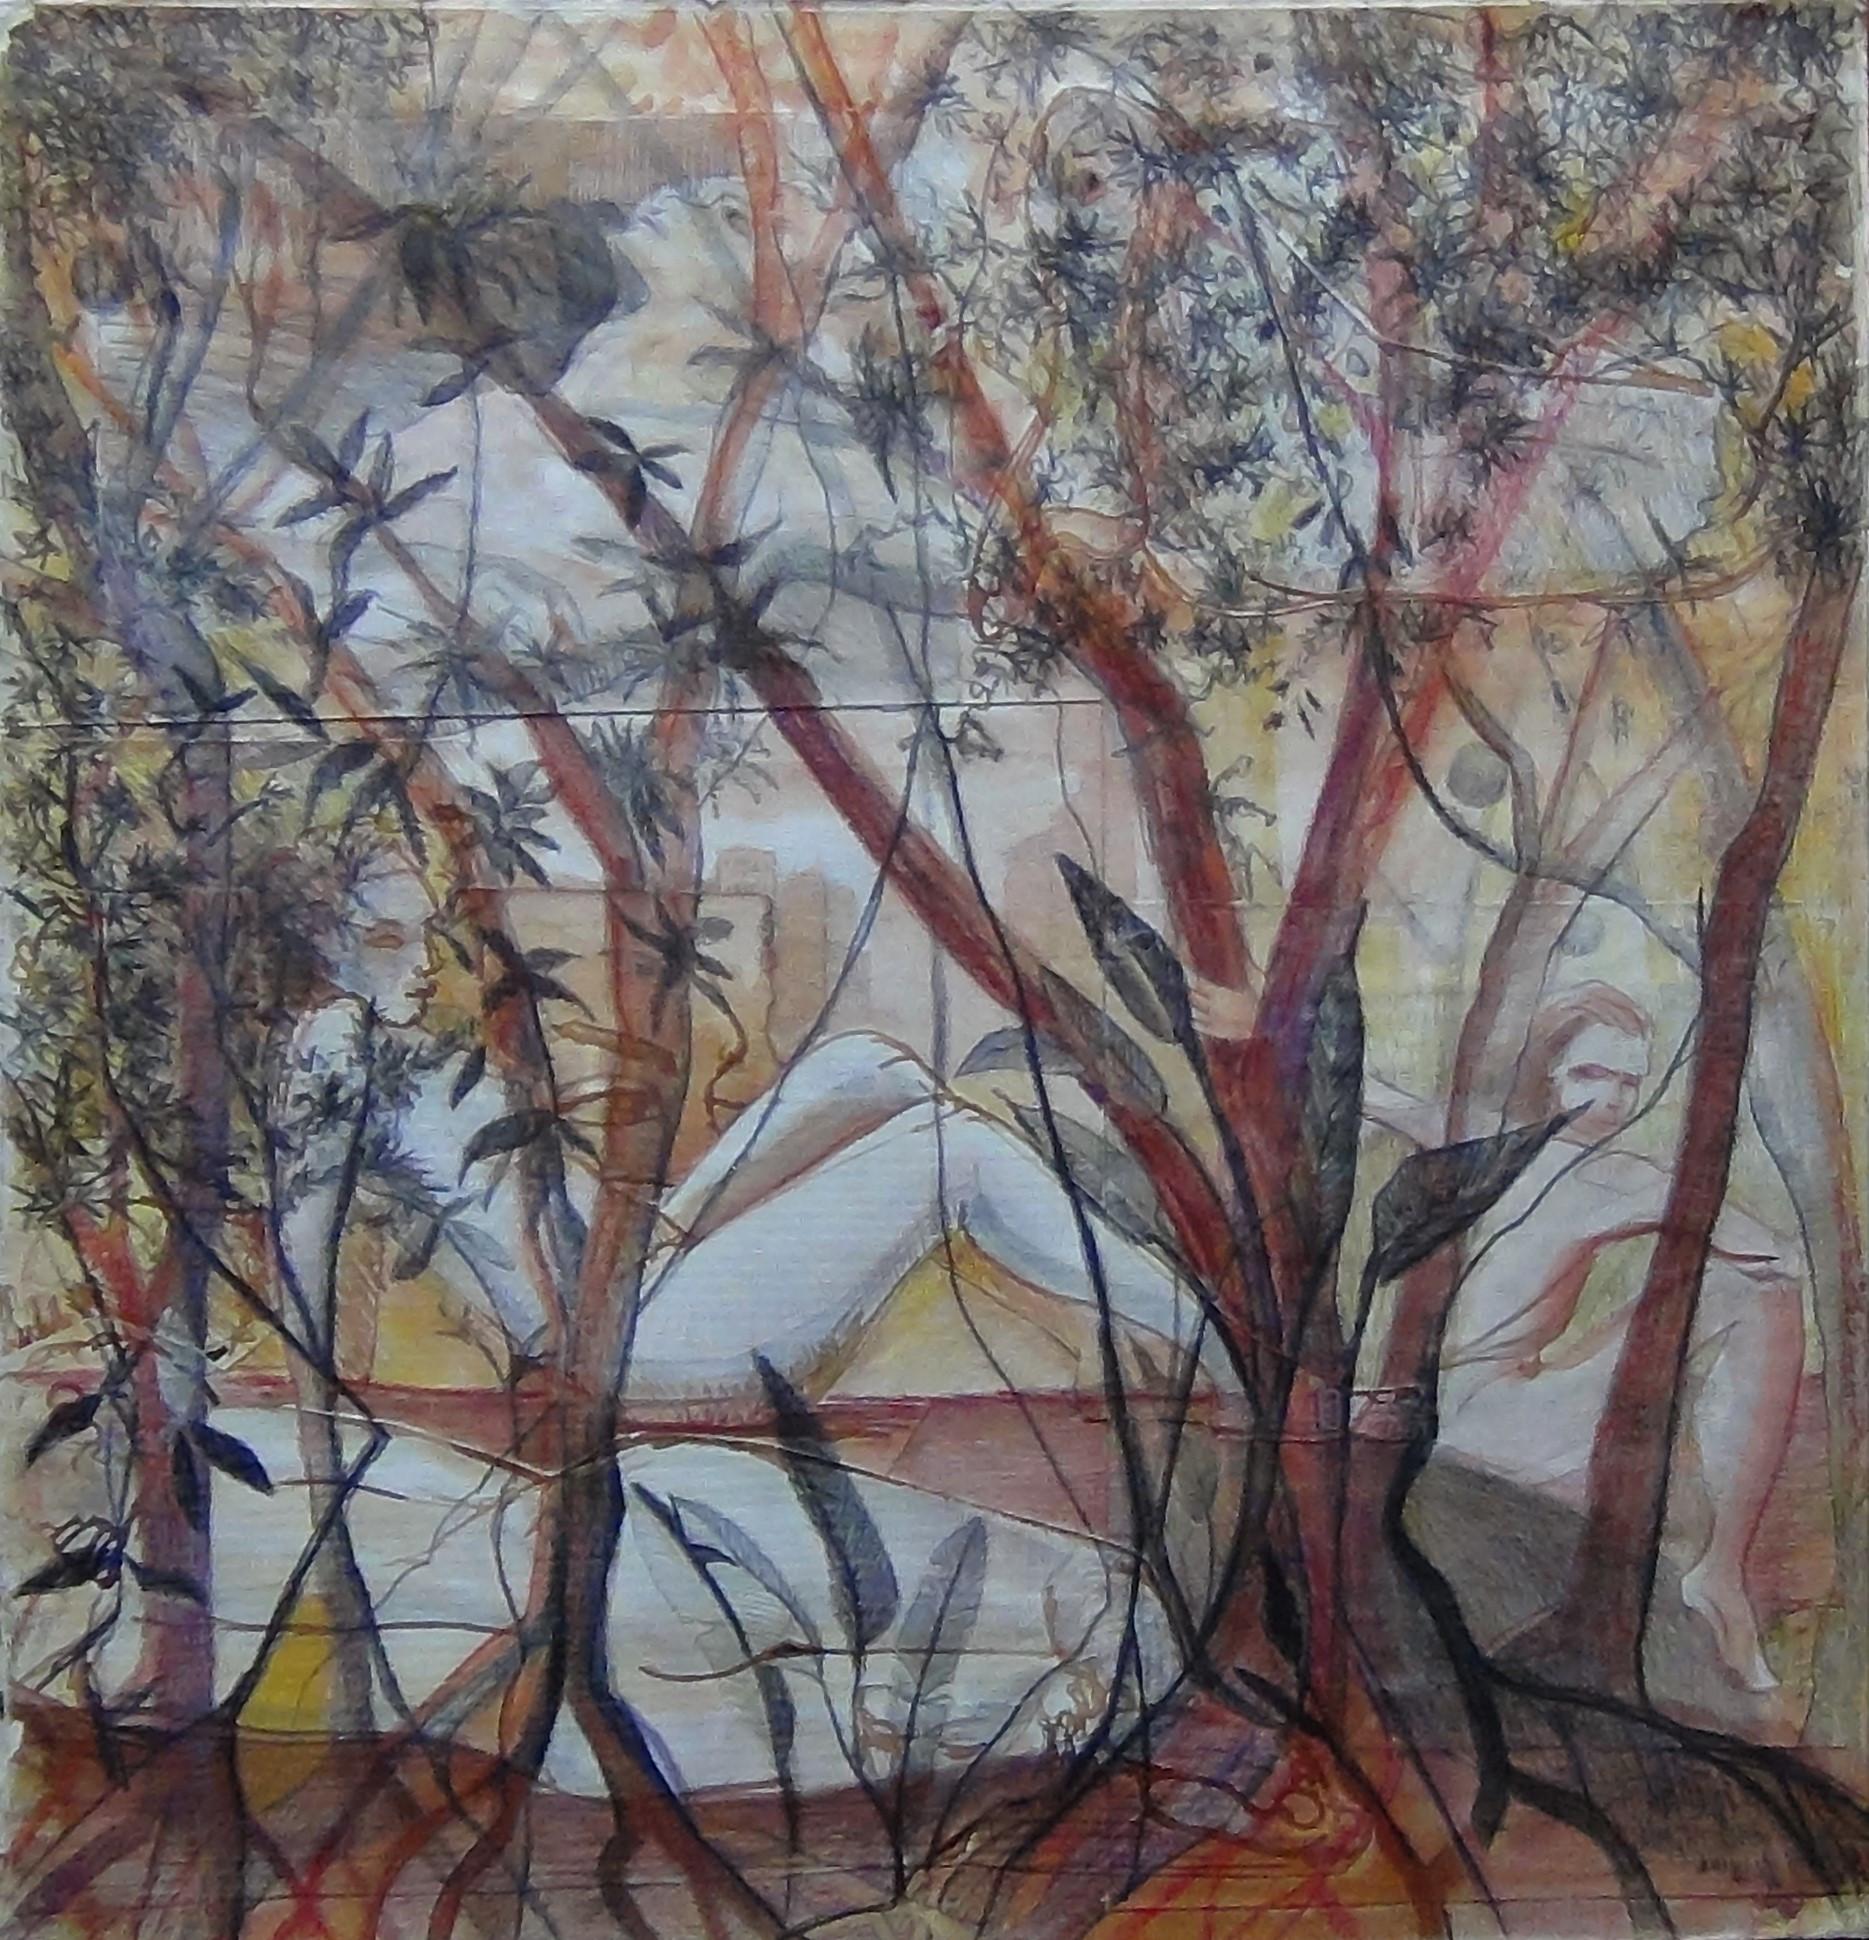 Mi Collage: El desmudo en mis collages surge del estudio del dibujo con modelos en vivo, integrando la figura con el entorno de naturaleza y lo urbano. El ser humano entre dos mundos, el natural que vibra en el interior de cada uno y el de lo urbano, del día a día que se mezcla con las miradas de miles de seres que se cruzan en la.metropolis conservando en sus miradas las raices, troncos, hojas. La dualidad del ser humano entre el ser natural y el ser prefabricado. Rodeado de selvas o rodeado de concreto. El arte del collage es para mi sacar vida de aquellos trazos que no quedaron óptimos por sí solos y al romperlos, intervenirlos, mezclarlos con otros aplicando color u otros materiales se transforman en una nueva vida, se convierten en una obra que va mas allá.